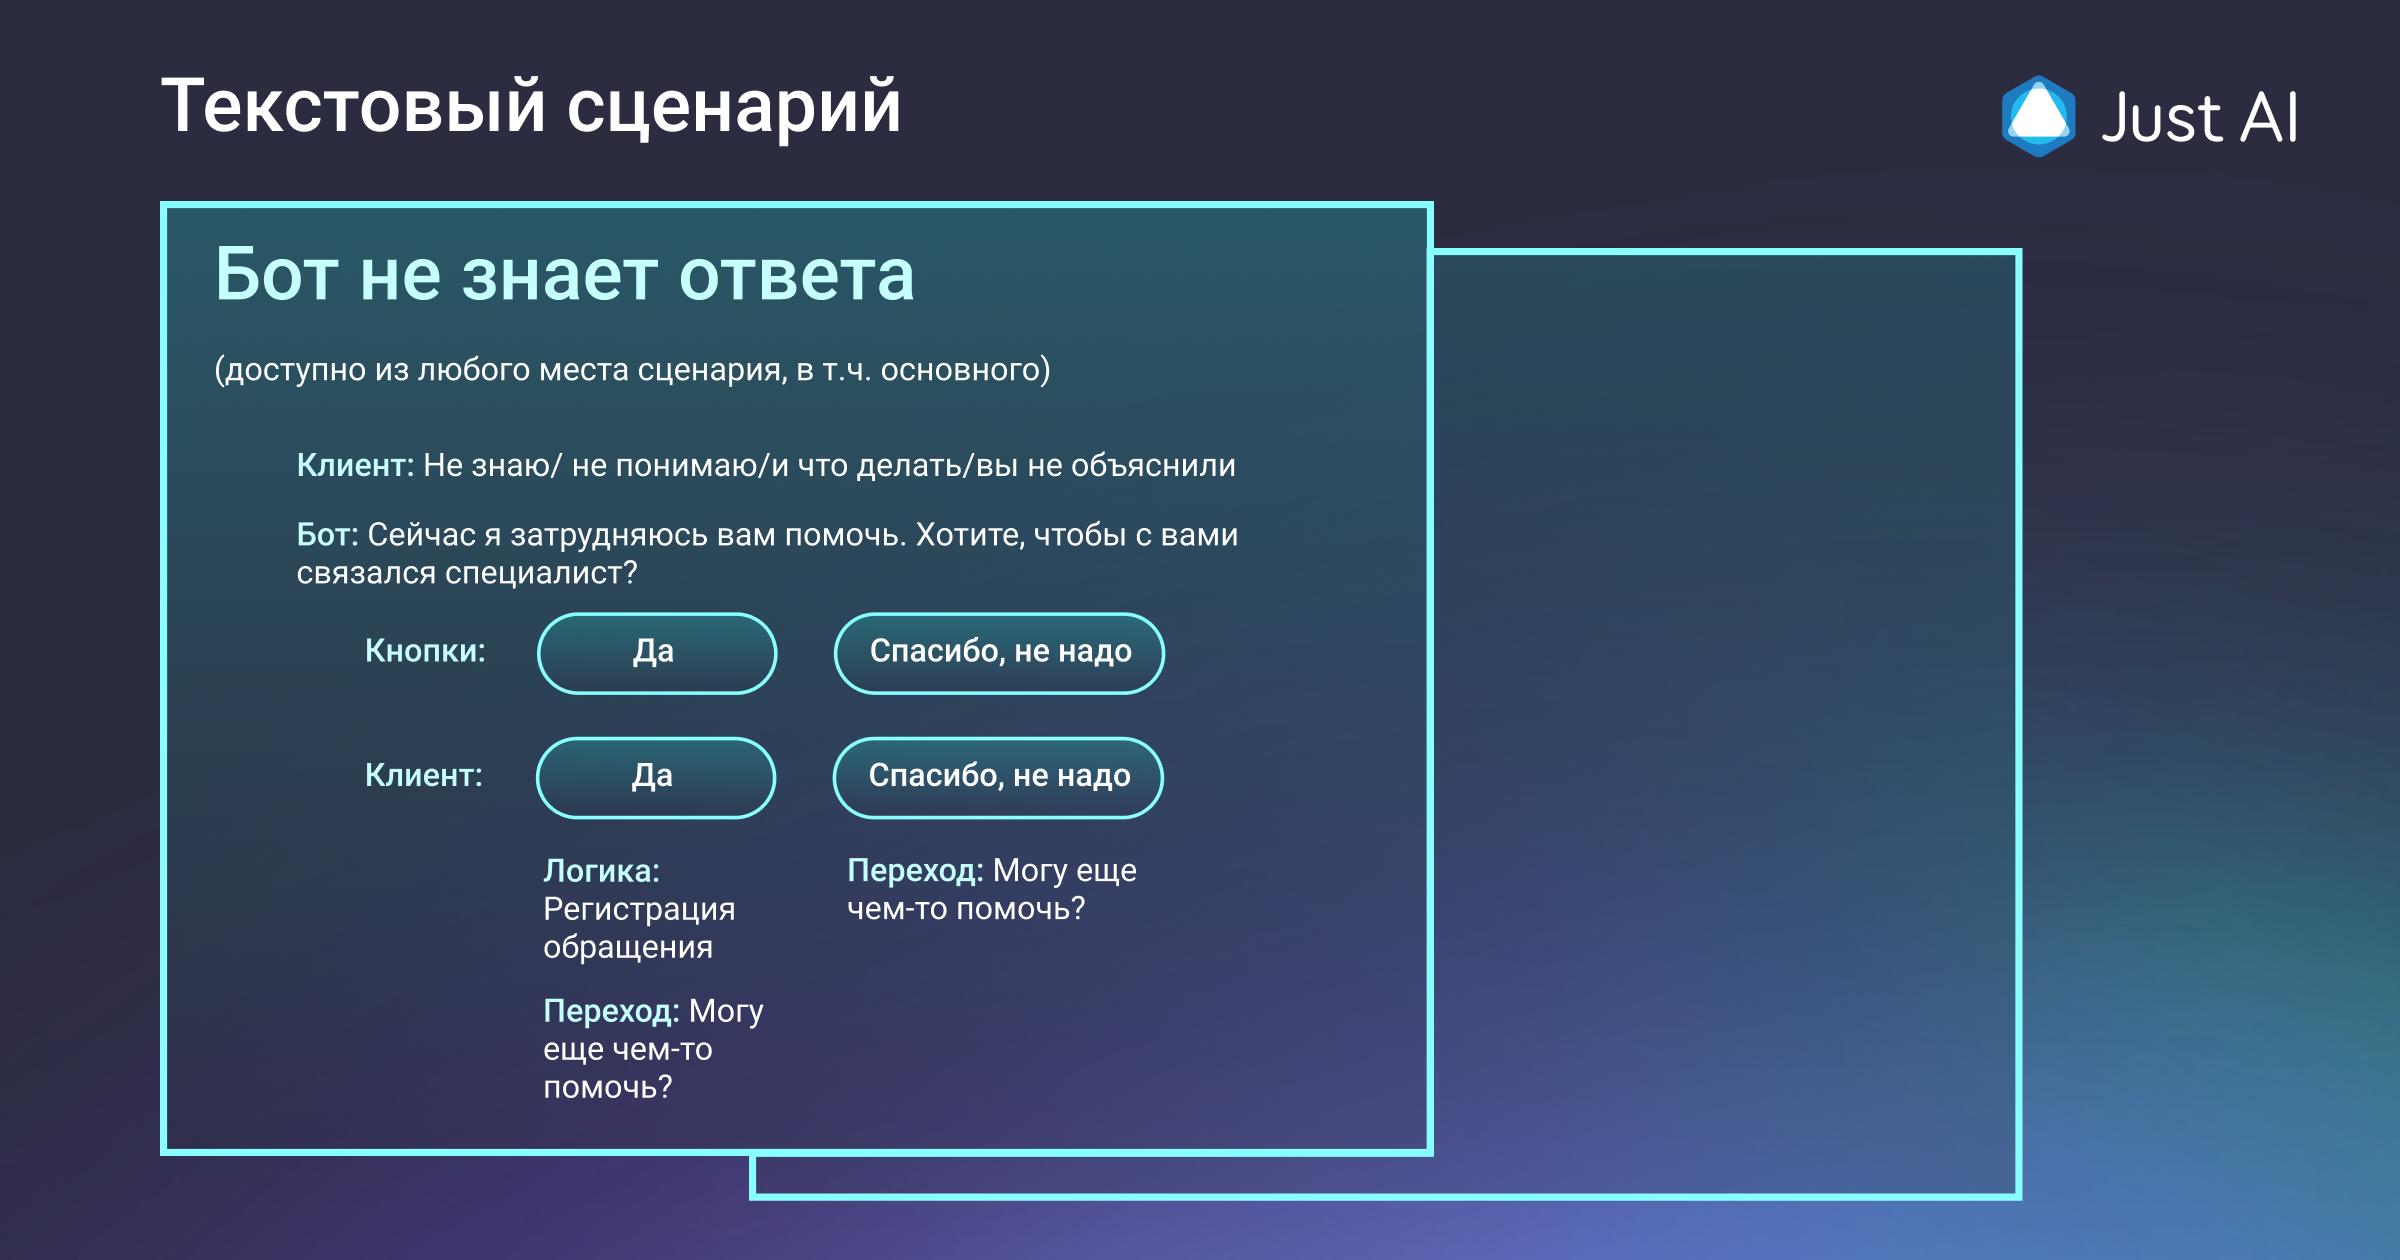 Кусочек настоящего текстового сценария чат-бота. Показано, что произойдет, если бот не знает ответа